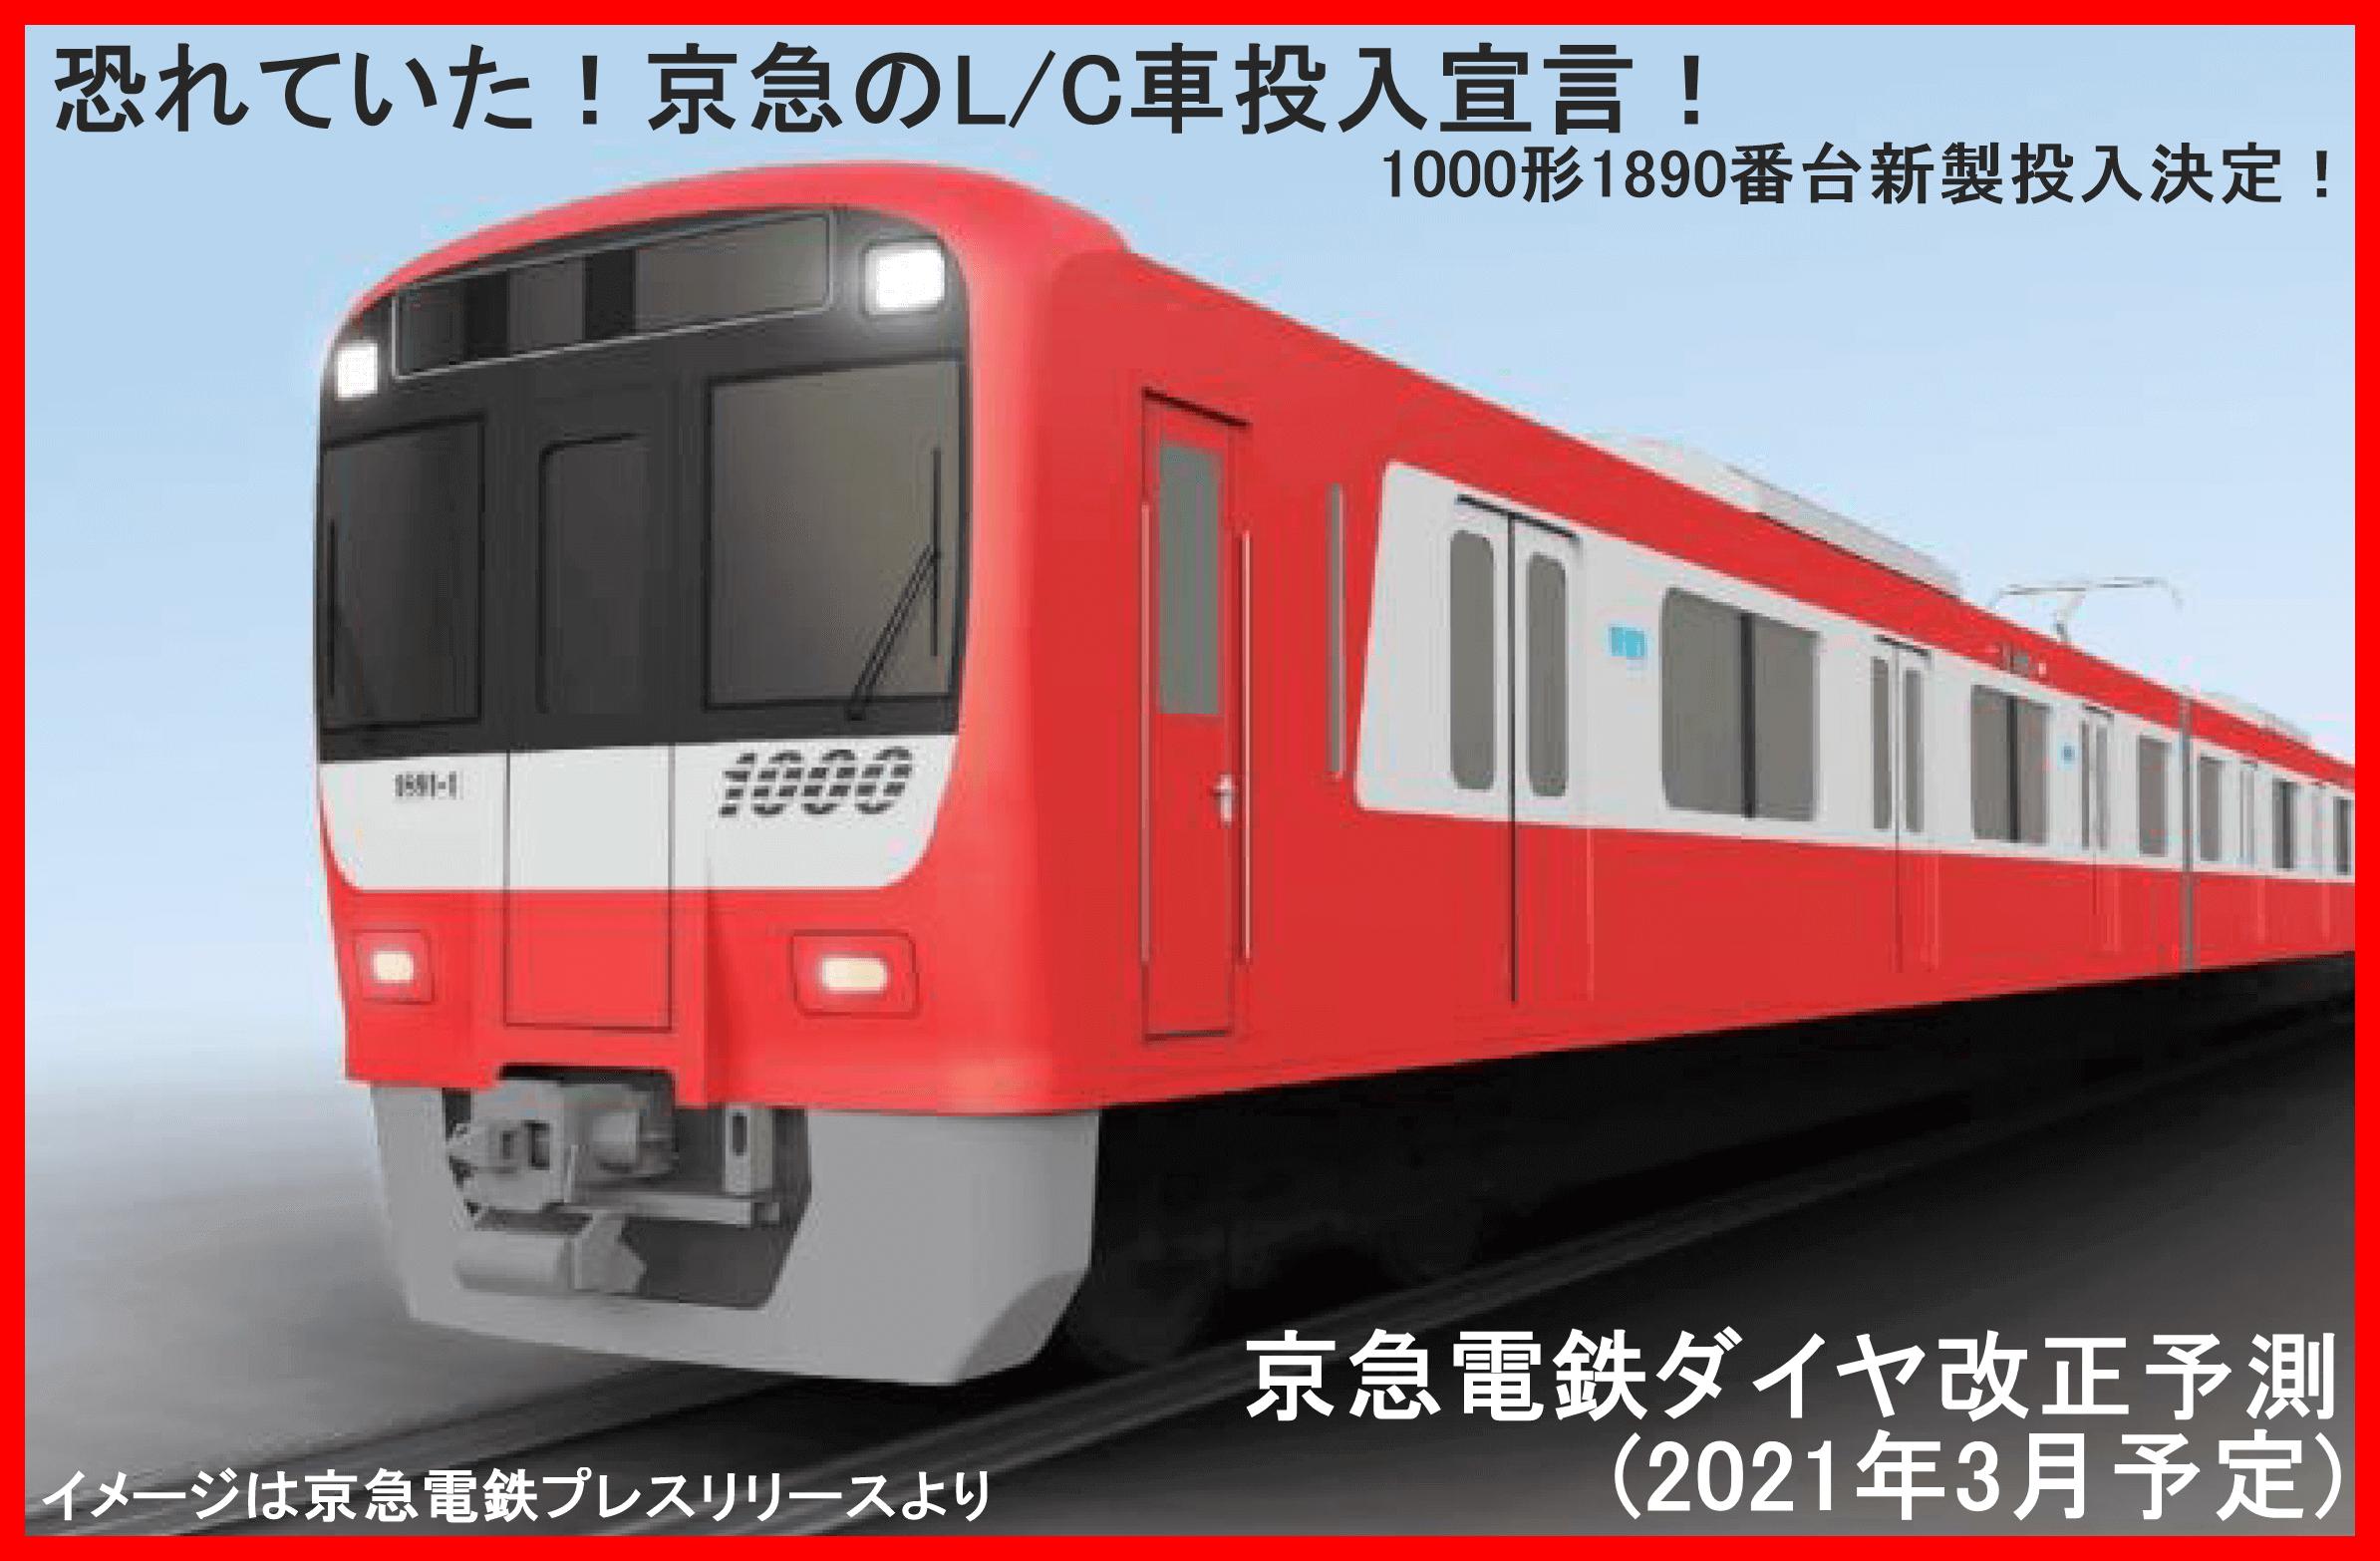 恐れていた!京急のL/C車投入宣言! 京急電鉄ダイヤ改正予測(2021年3月予定)